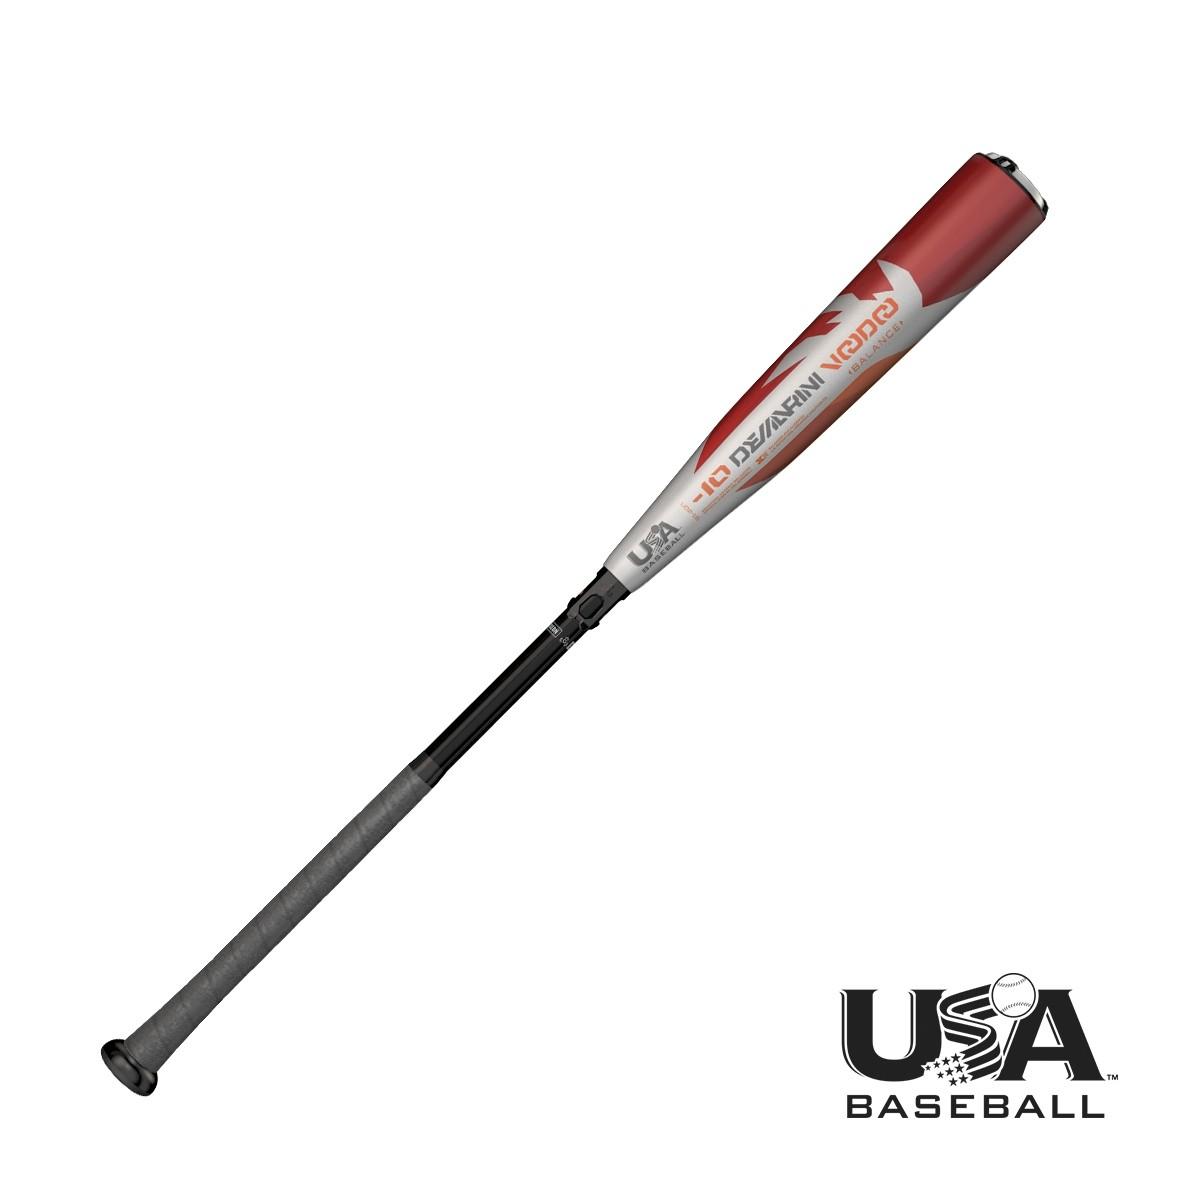 DeMarini Voodoo Balanced USA Baseball Bat (-10)